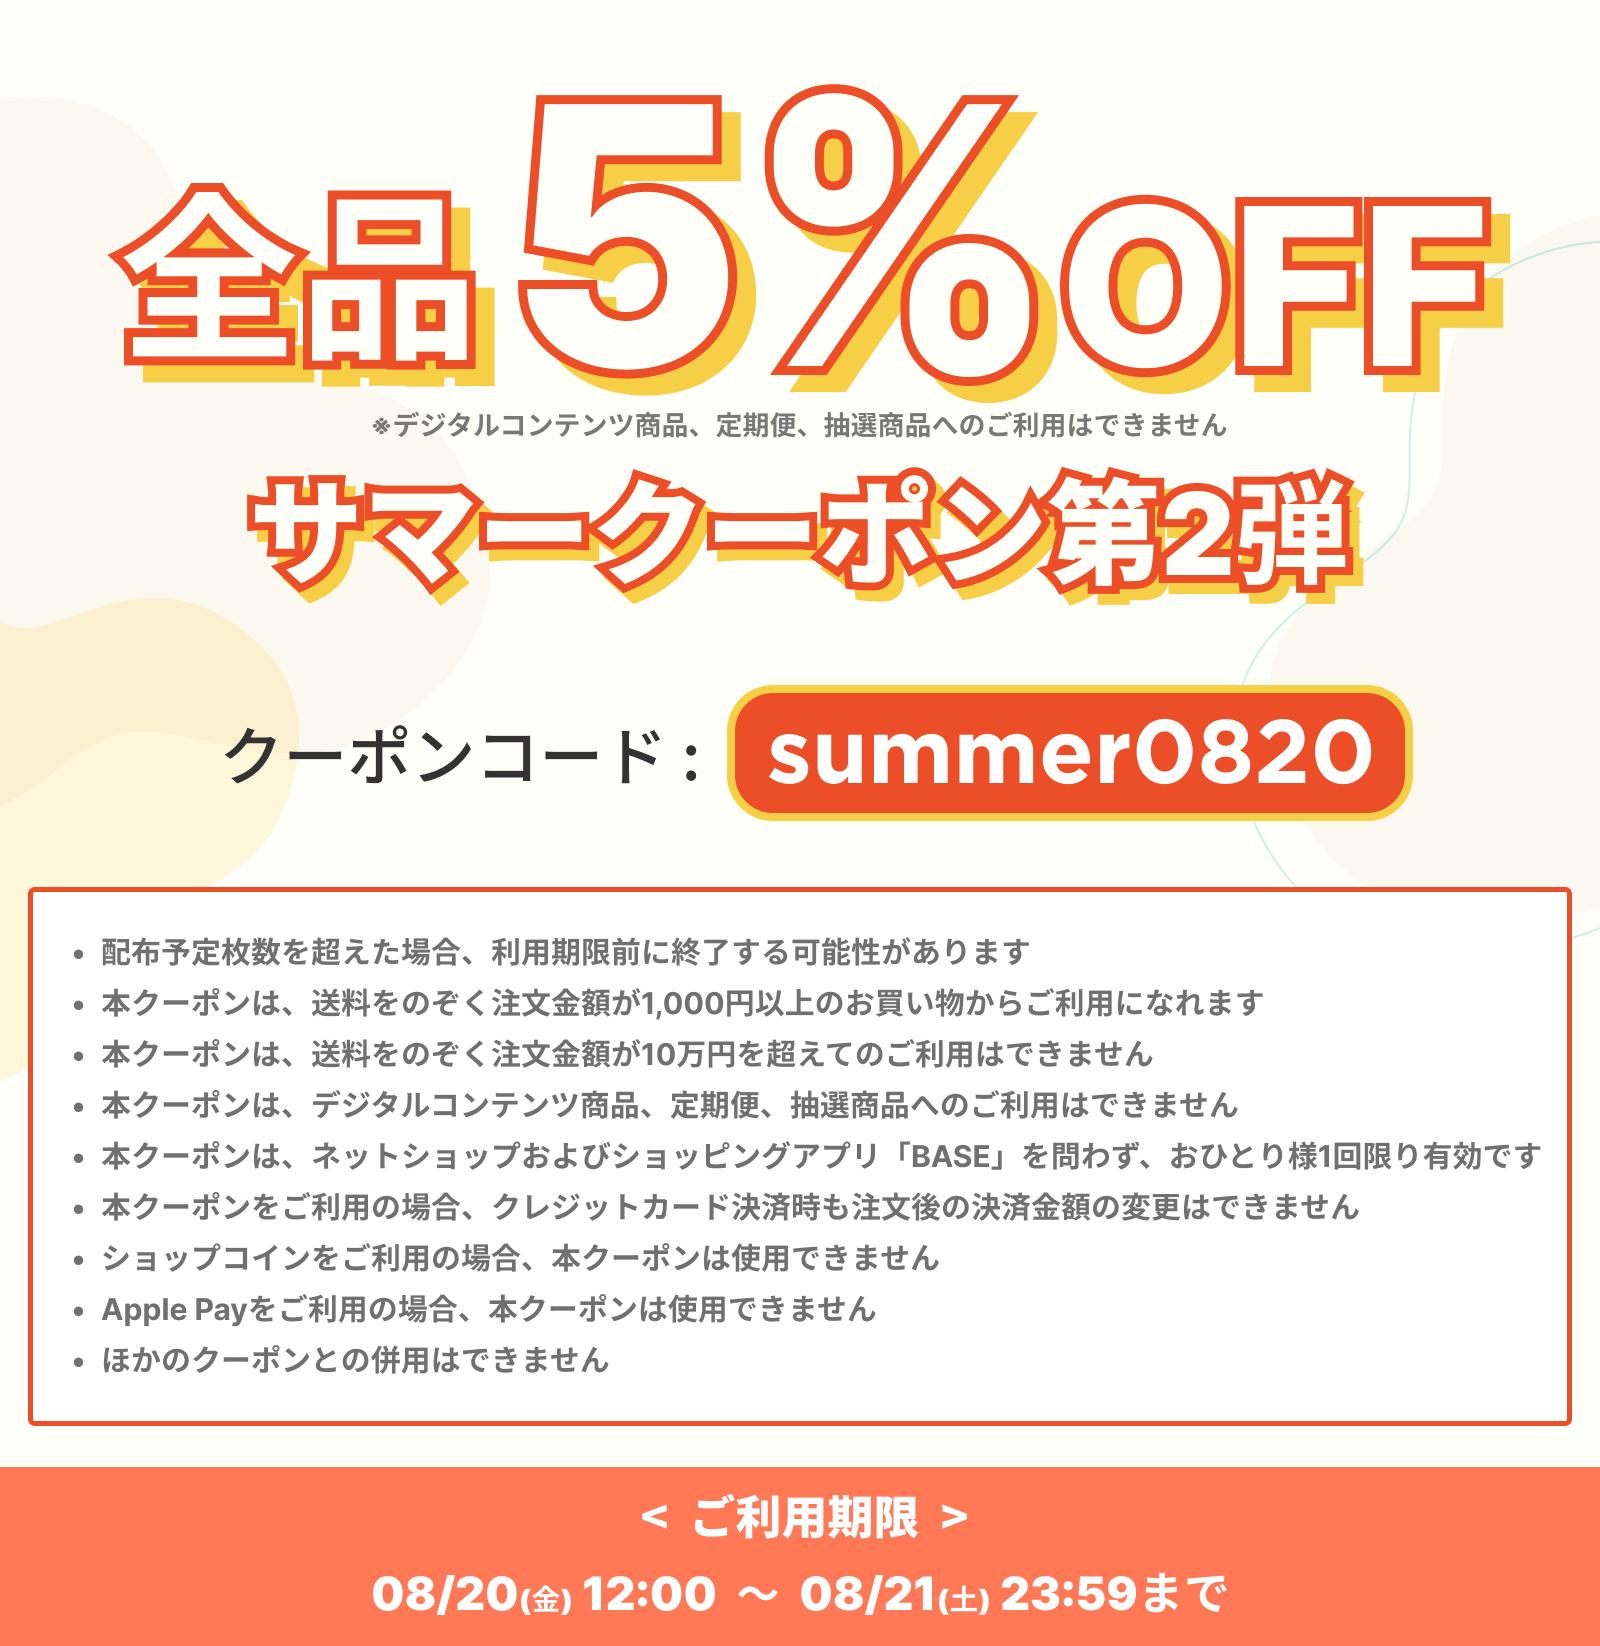 【サマークーポン】5%OFFで包丁が買えるクーポン配布中!